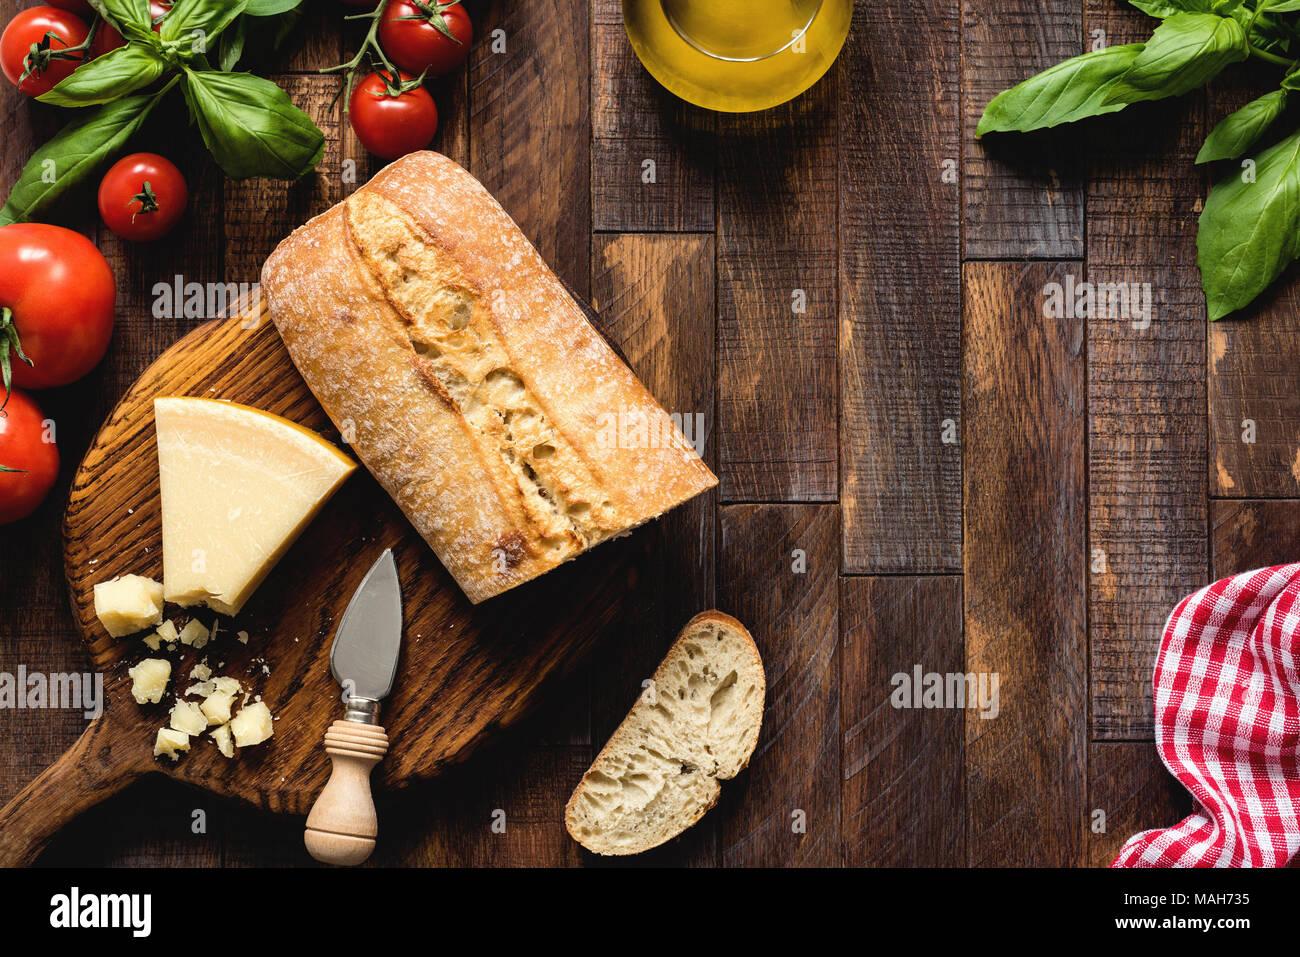 Italienisches Essen auf rustikalen Holz Hintergrund, Ansicht von oben. Parmesan, Ciabatta, Bruschetta, Basilikum, Olivenöl und Tomaten. Italienische Küche Stockbild